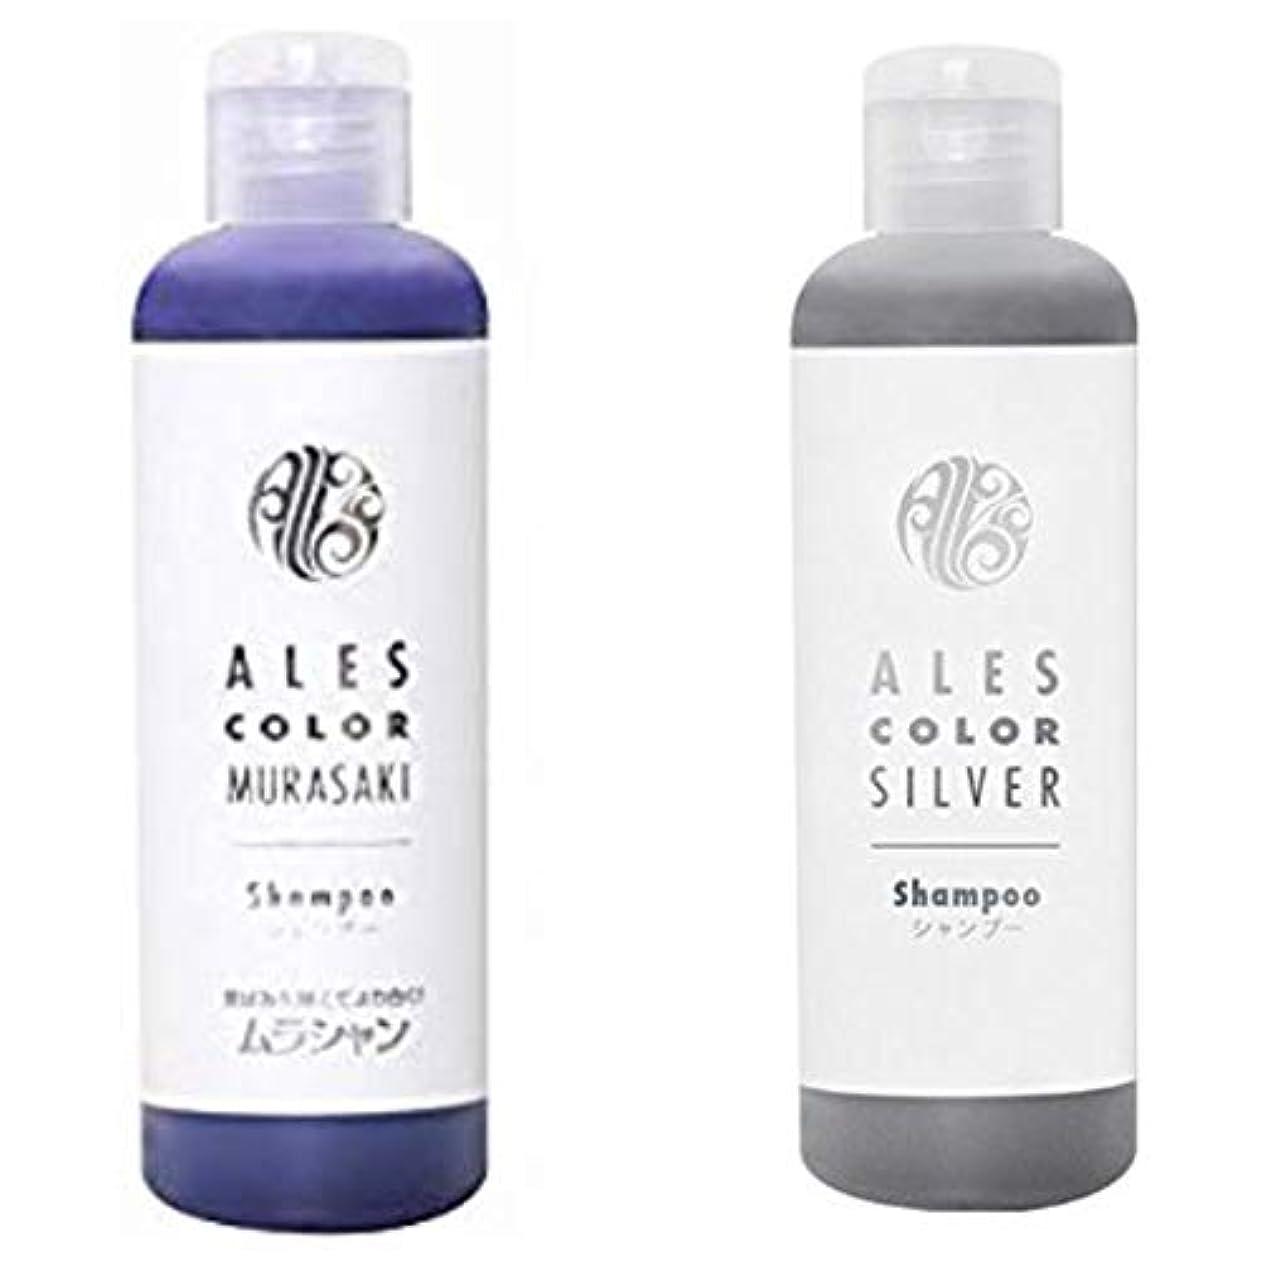 【セット】 アレスカラー ムラサキシャンプー 200ml &シルバーシャンプー200ml 混ぜても使える